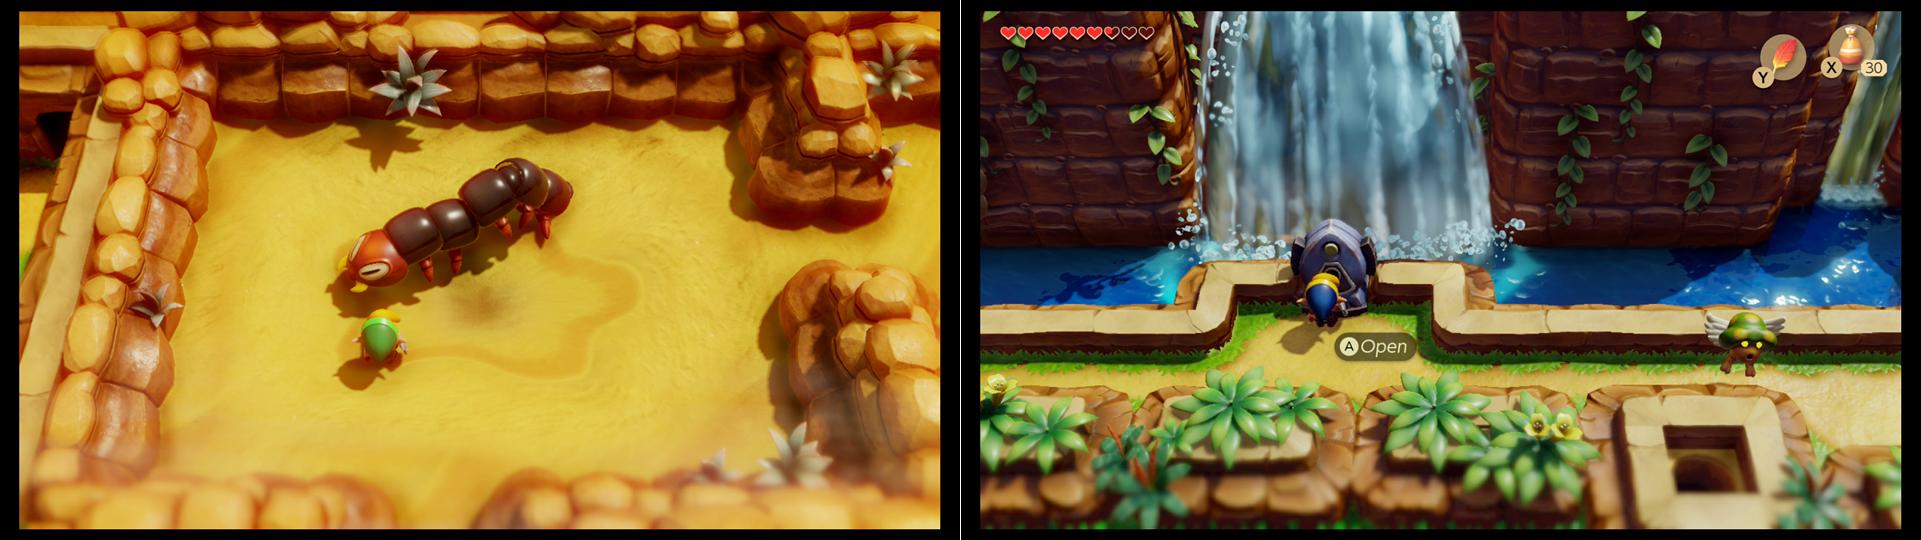 Zelda Link S Awakening Angler S Cavern Dungeon